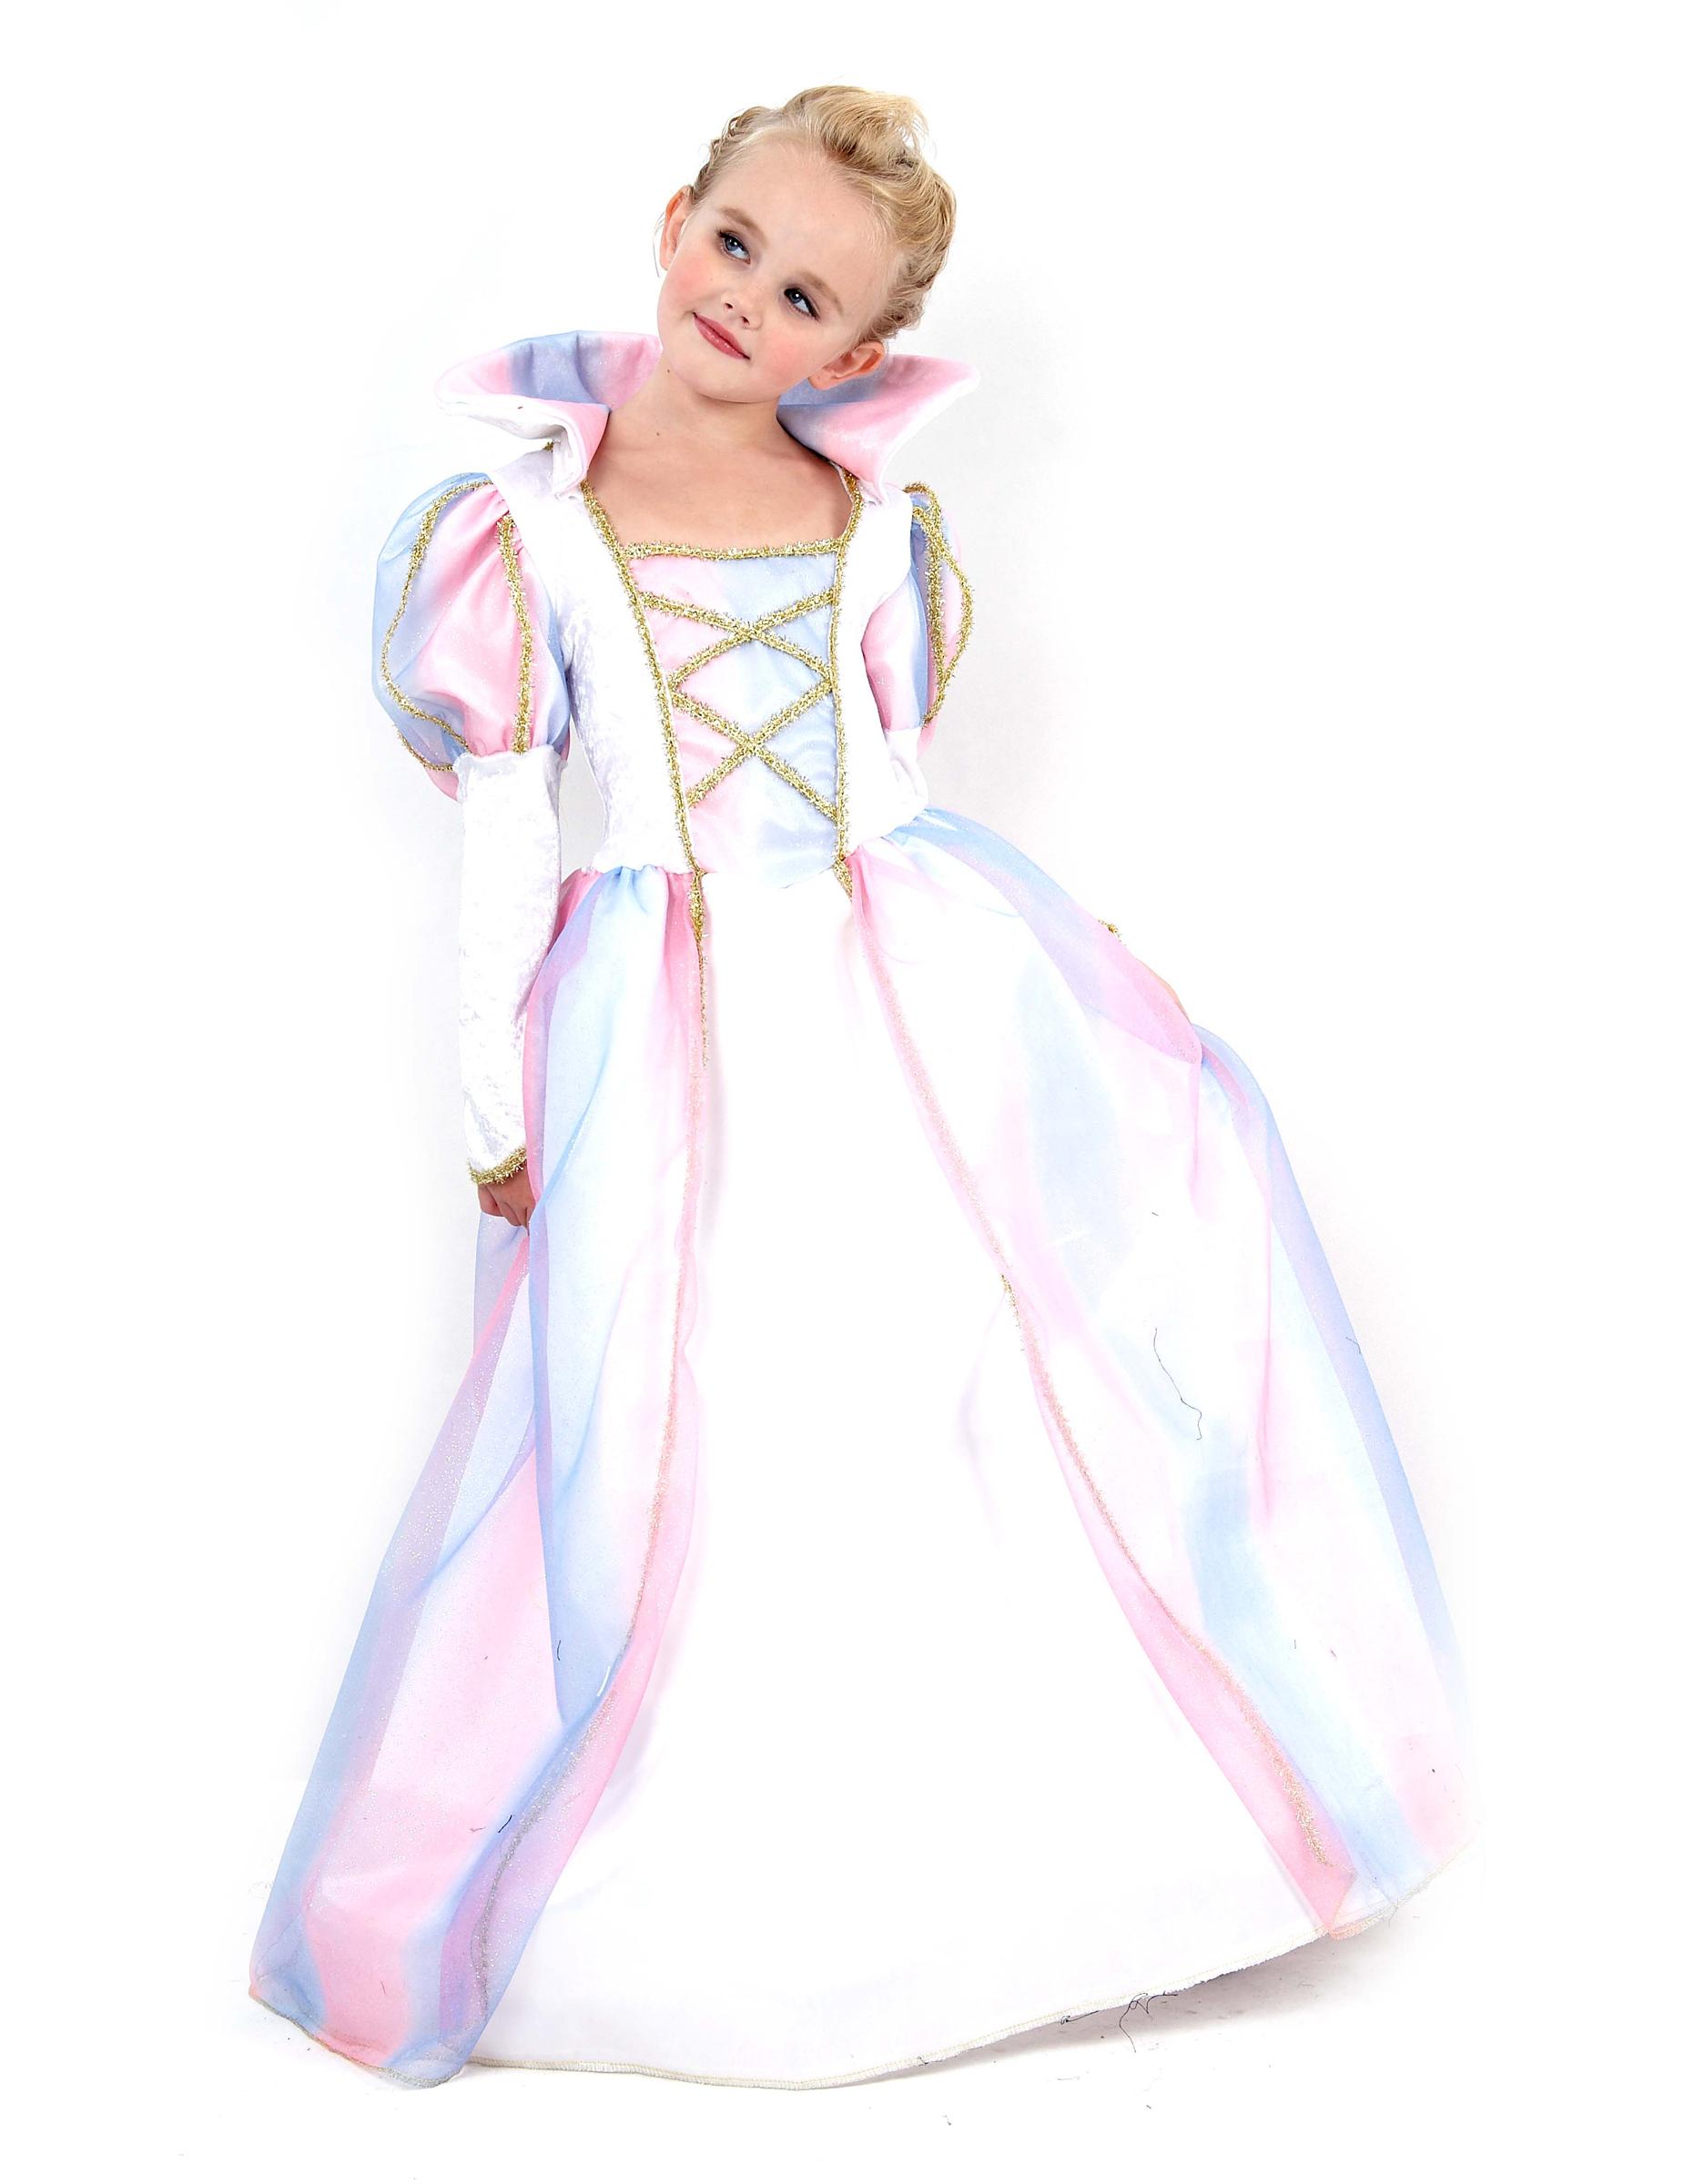 Zauberfeen Kostum Fur Madchen Kostume Fur Kinder Und Gunstige